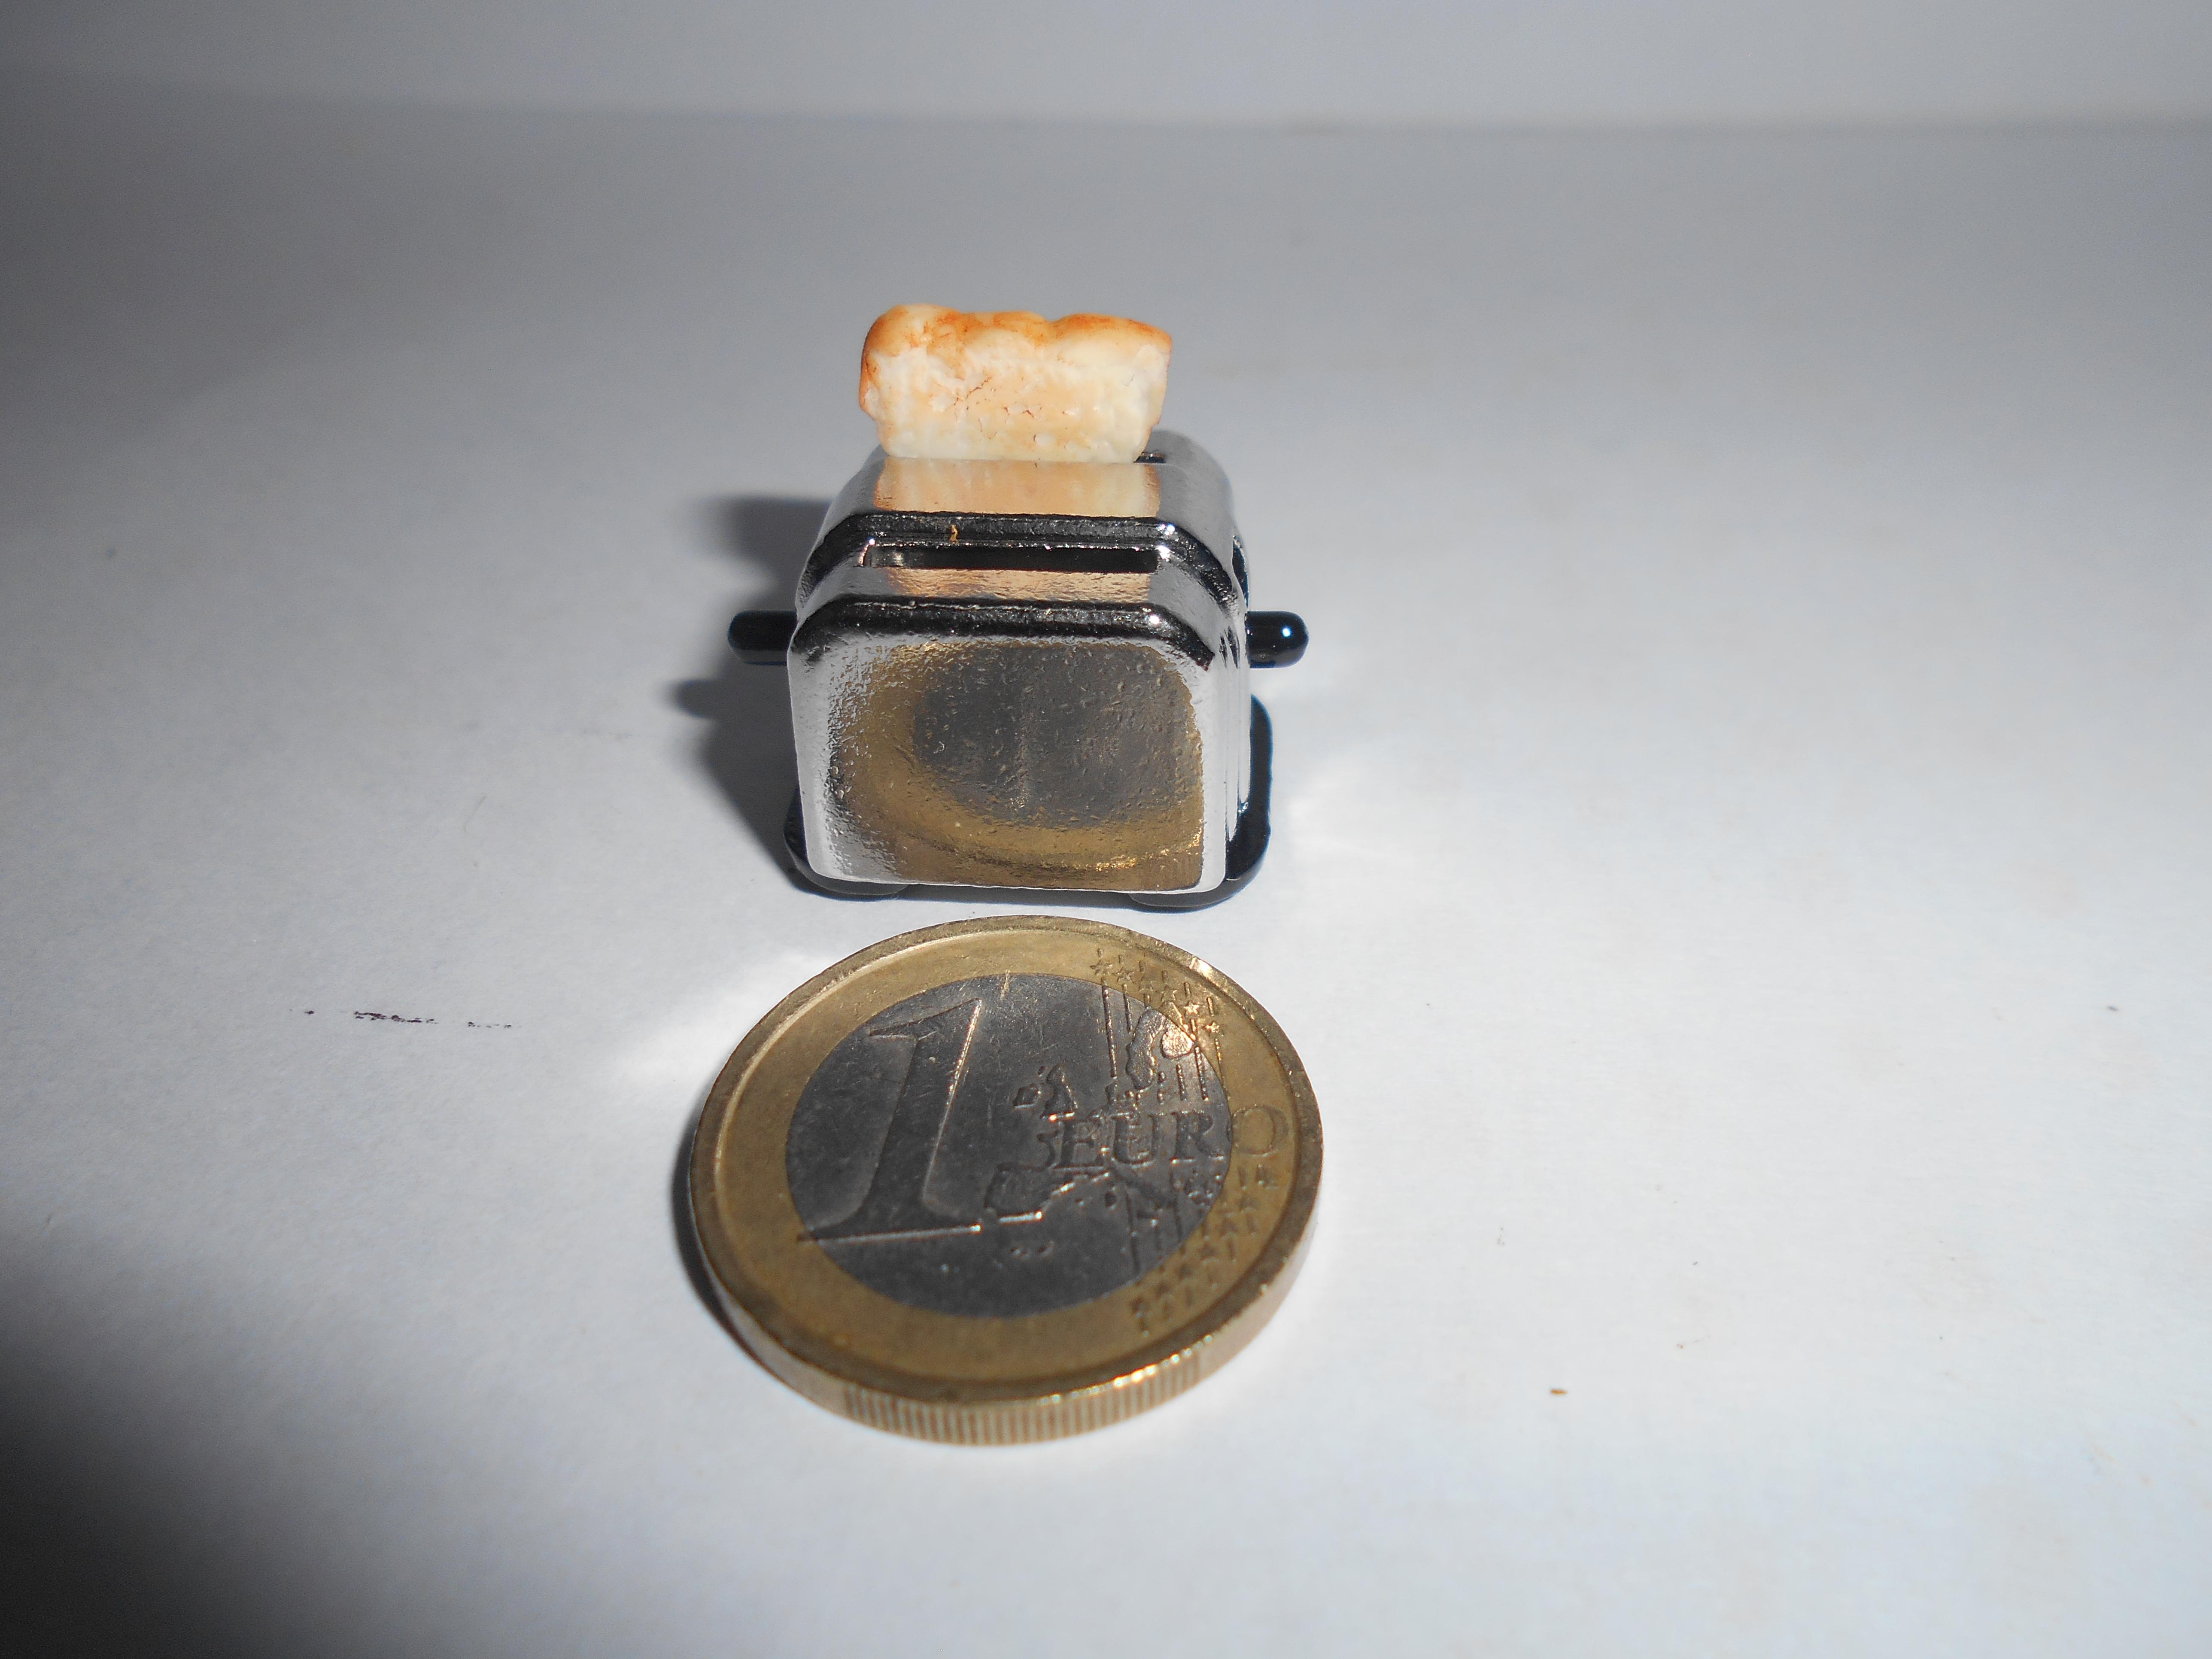 เตาปิ้งขนมปัง